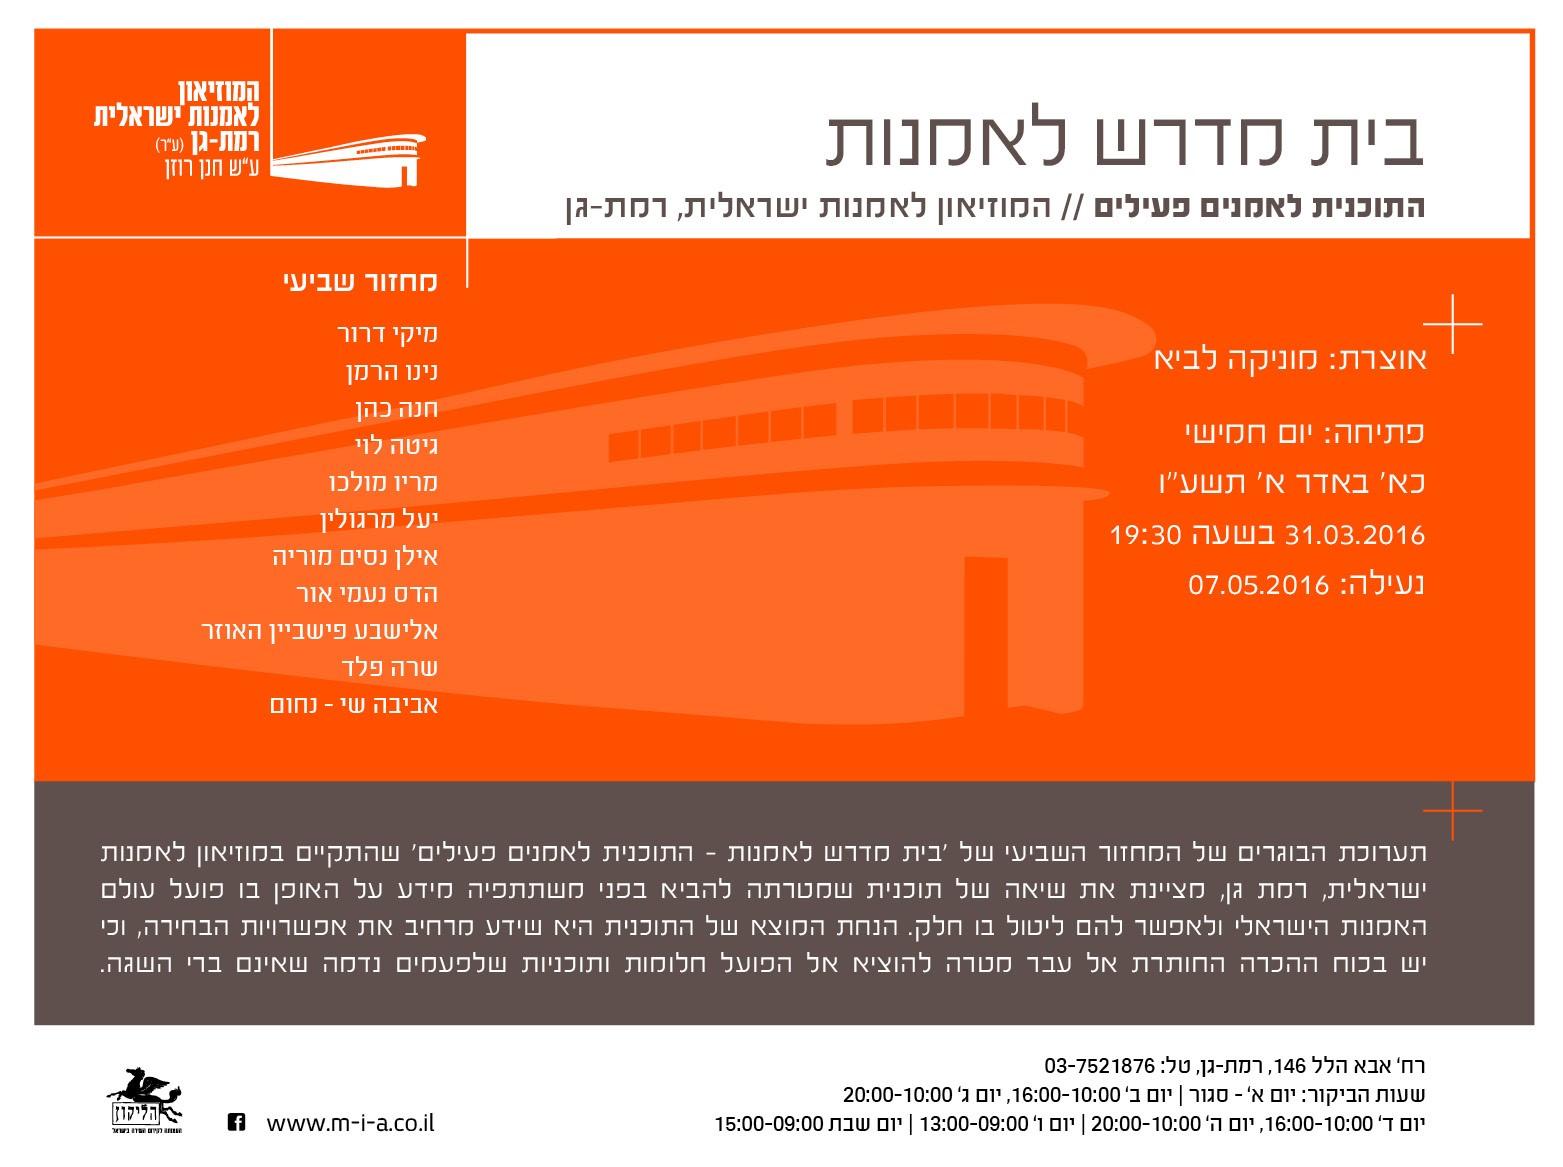 מוזיאון רמת גן